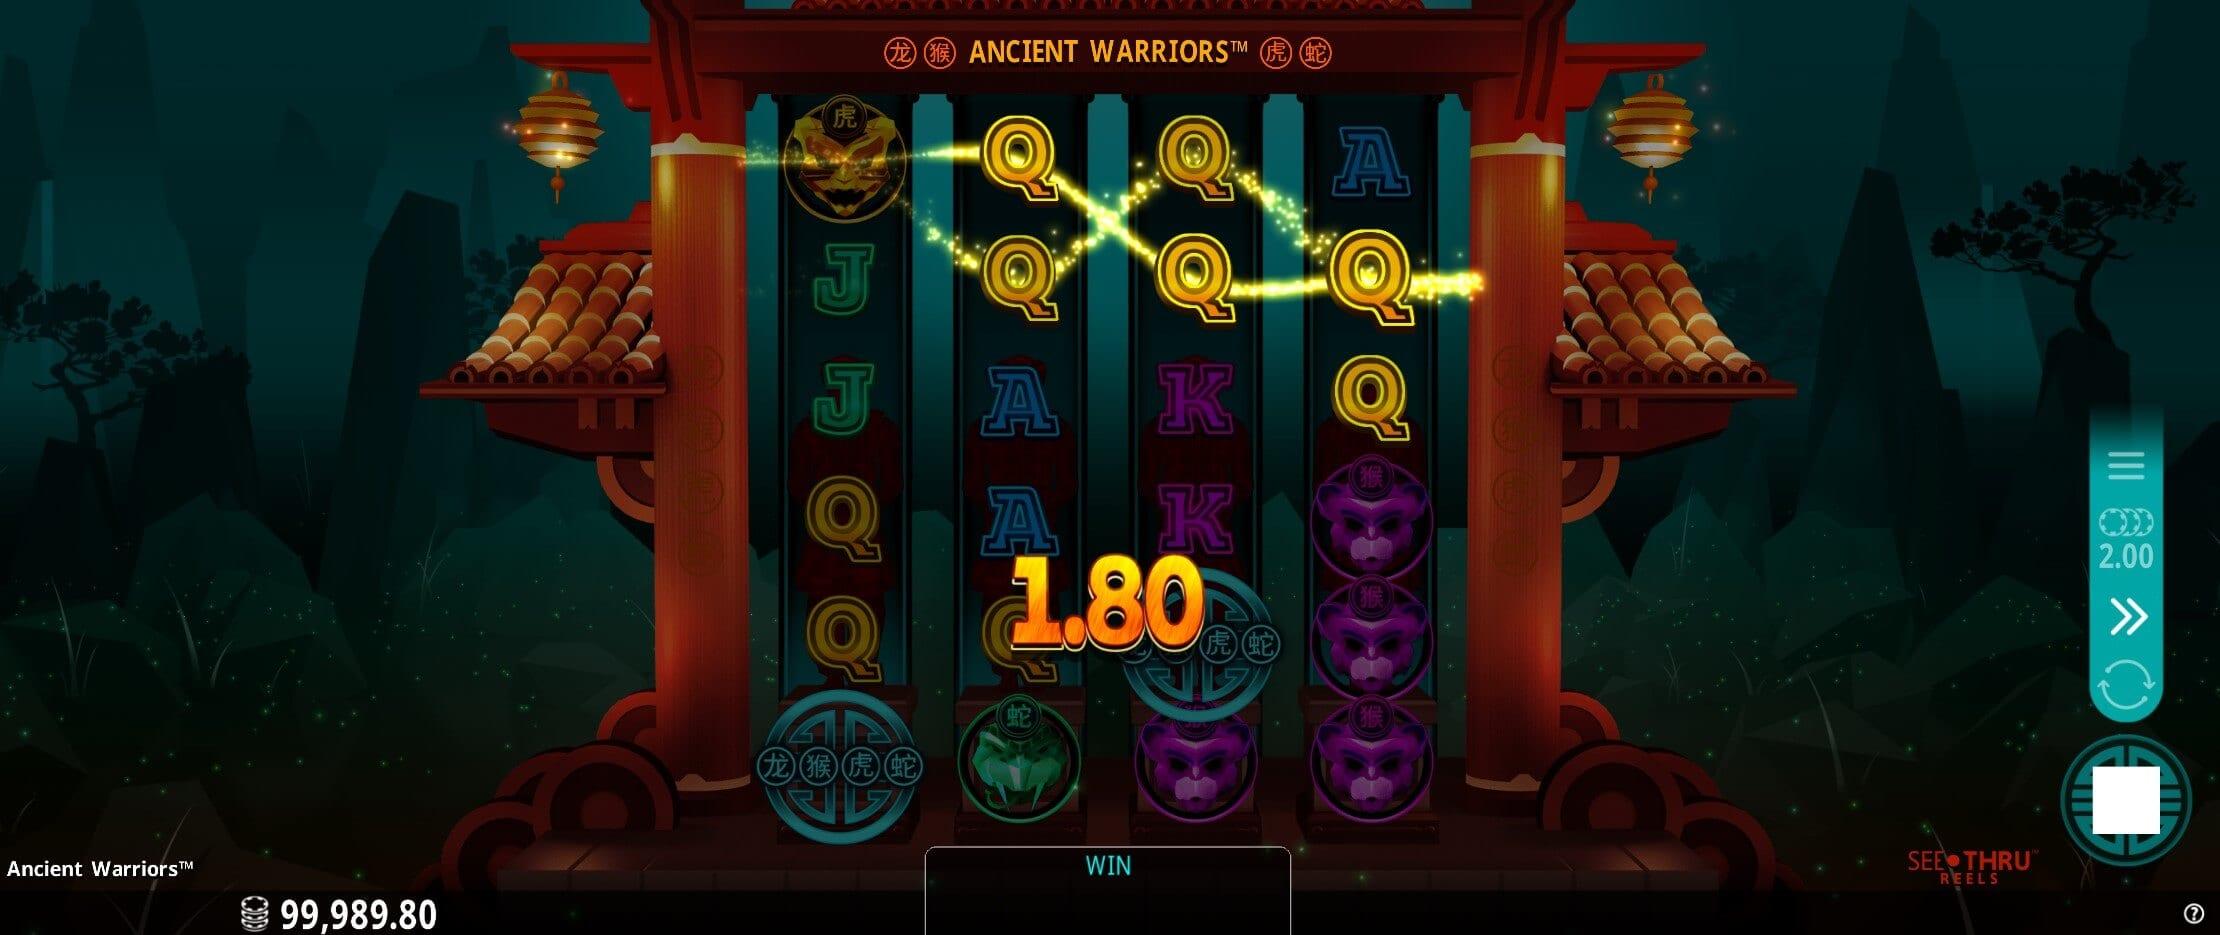 Ancient Warriors Slots Win